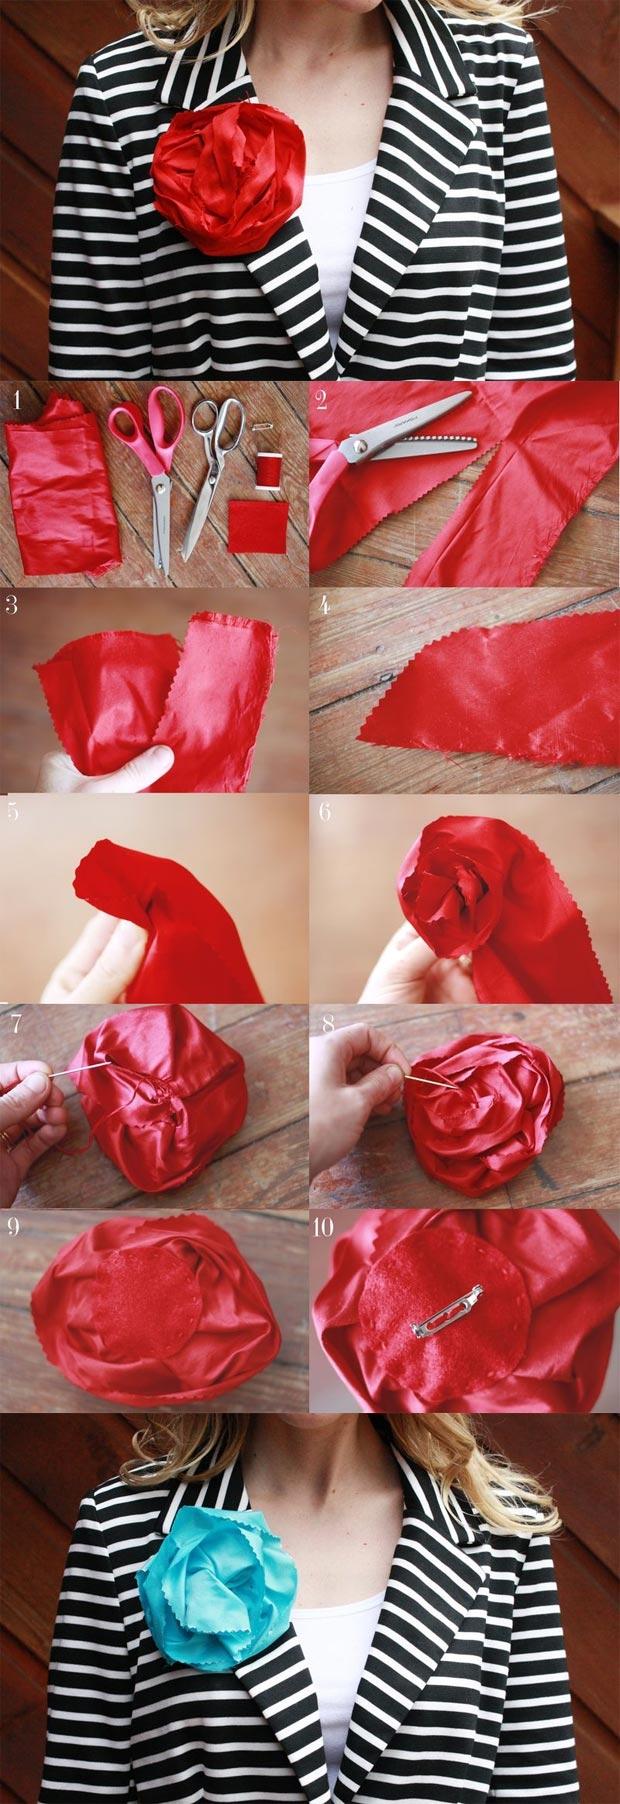 Как сделать одежду для себя из ткани